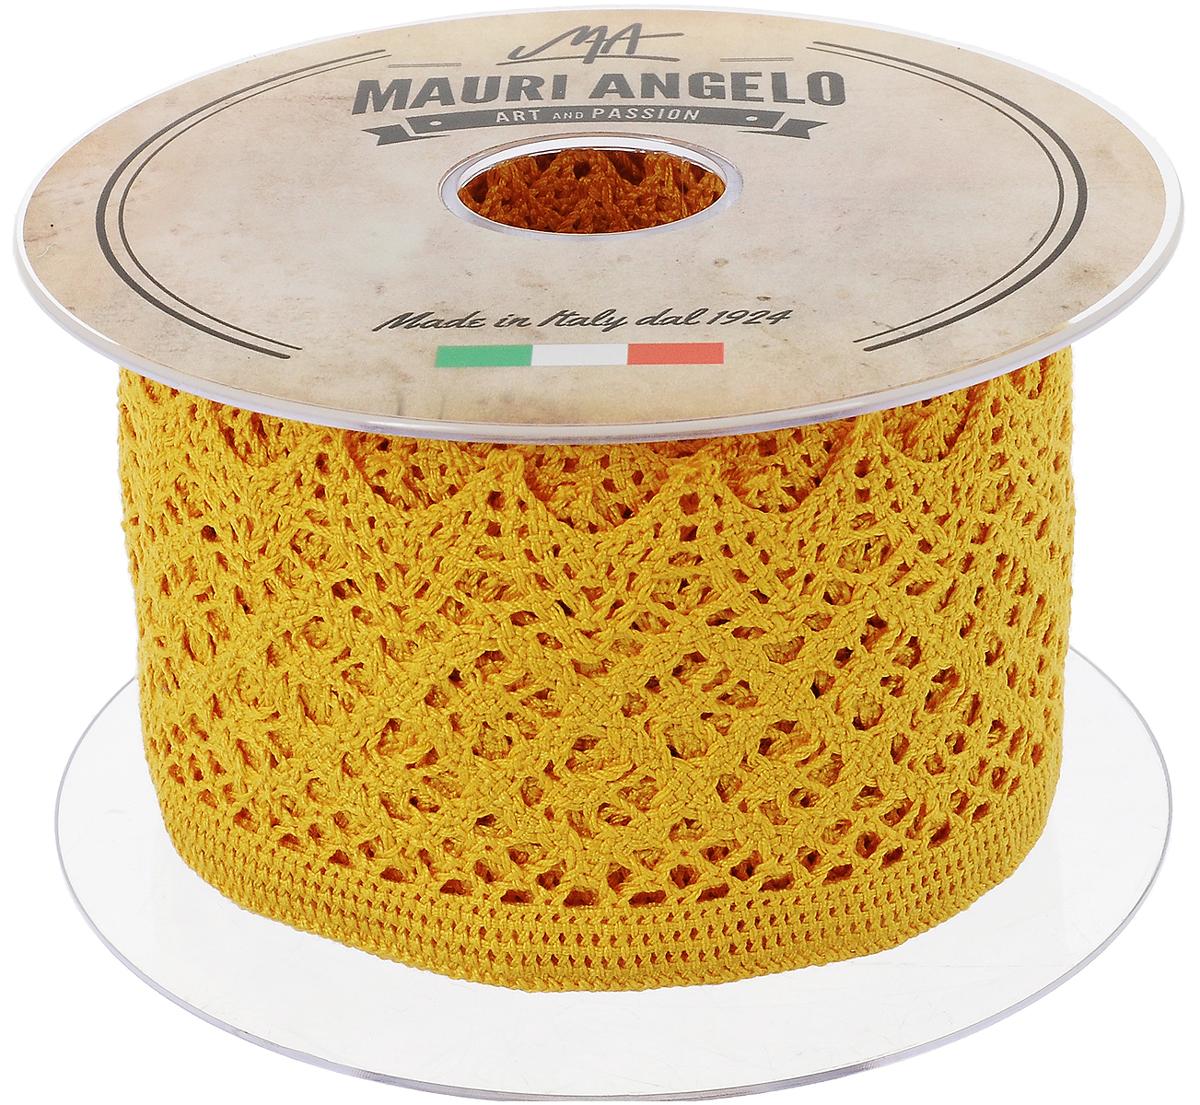 Лента кружевная Mauri Angelo, цвет: желтый, 5,9 см х 10 мMR4133/030_желтыйДекоративная кружевная лента Mauri Angelo - текстильное изделие без тканой основы, в котором ажурный орнамент и изображения образуются в результате переплетения нитей. Кружево применяется для отделки одежды, белья в виде окаймления или вставок, а также в оформлении интерьера, декоративных панно, скатертей, тюлей, покрывал. Главные особенности кружева - воздушность, тонкость, эластичность, узорность.Декоративная кружевная лента Mauri Angelo станет незаменимым элементом в создании рукотворного шедевра. Ширина: 5,9 см.Длина: 10 м.